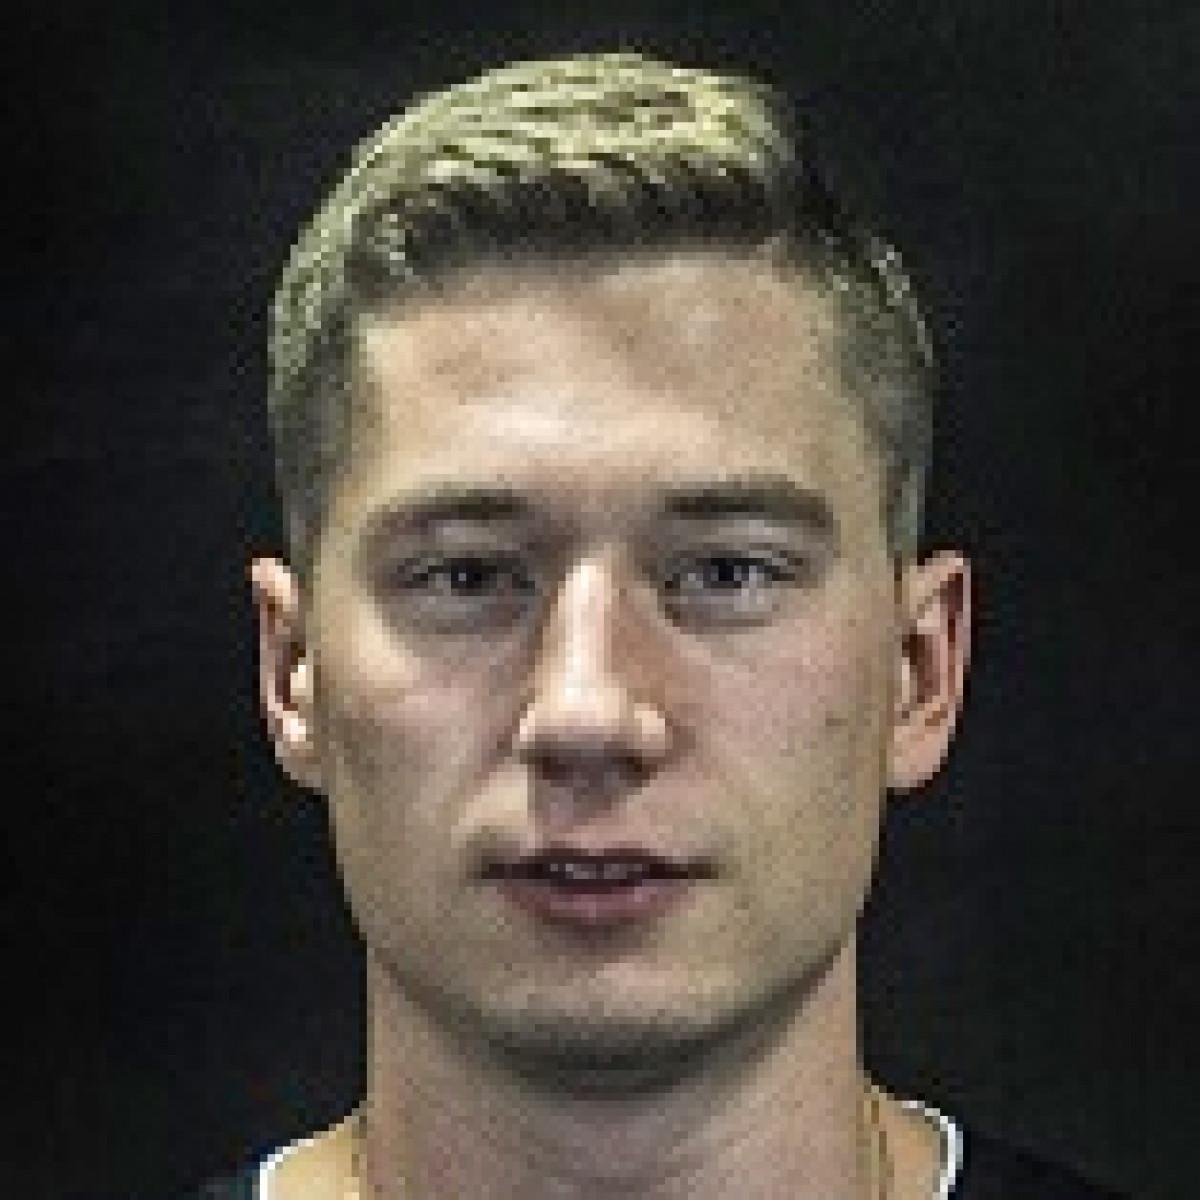 Michal Borowka